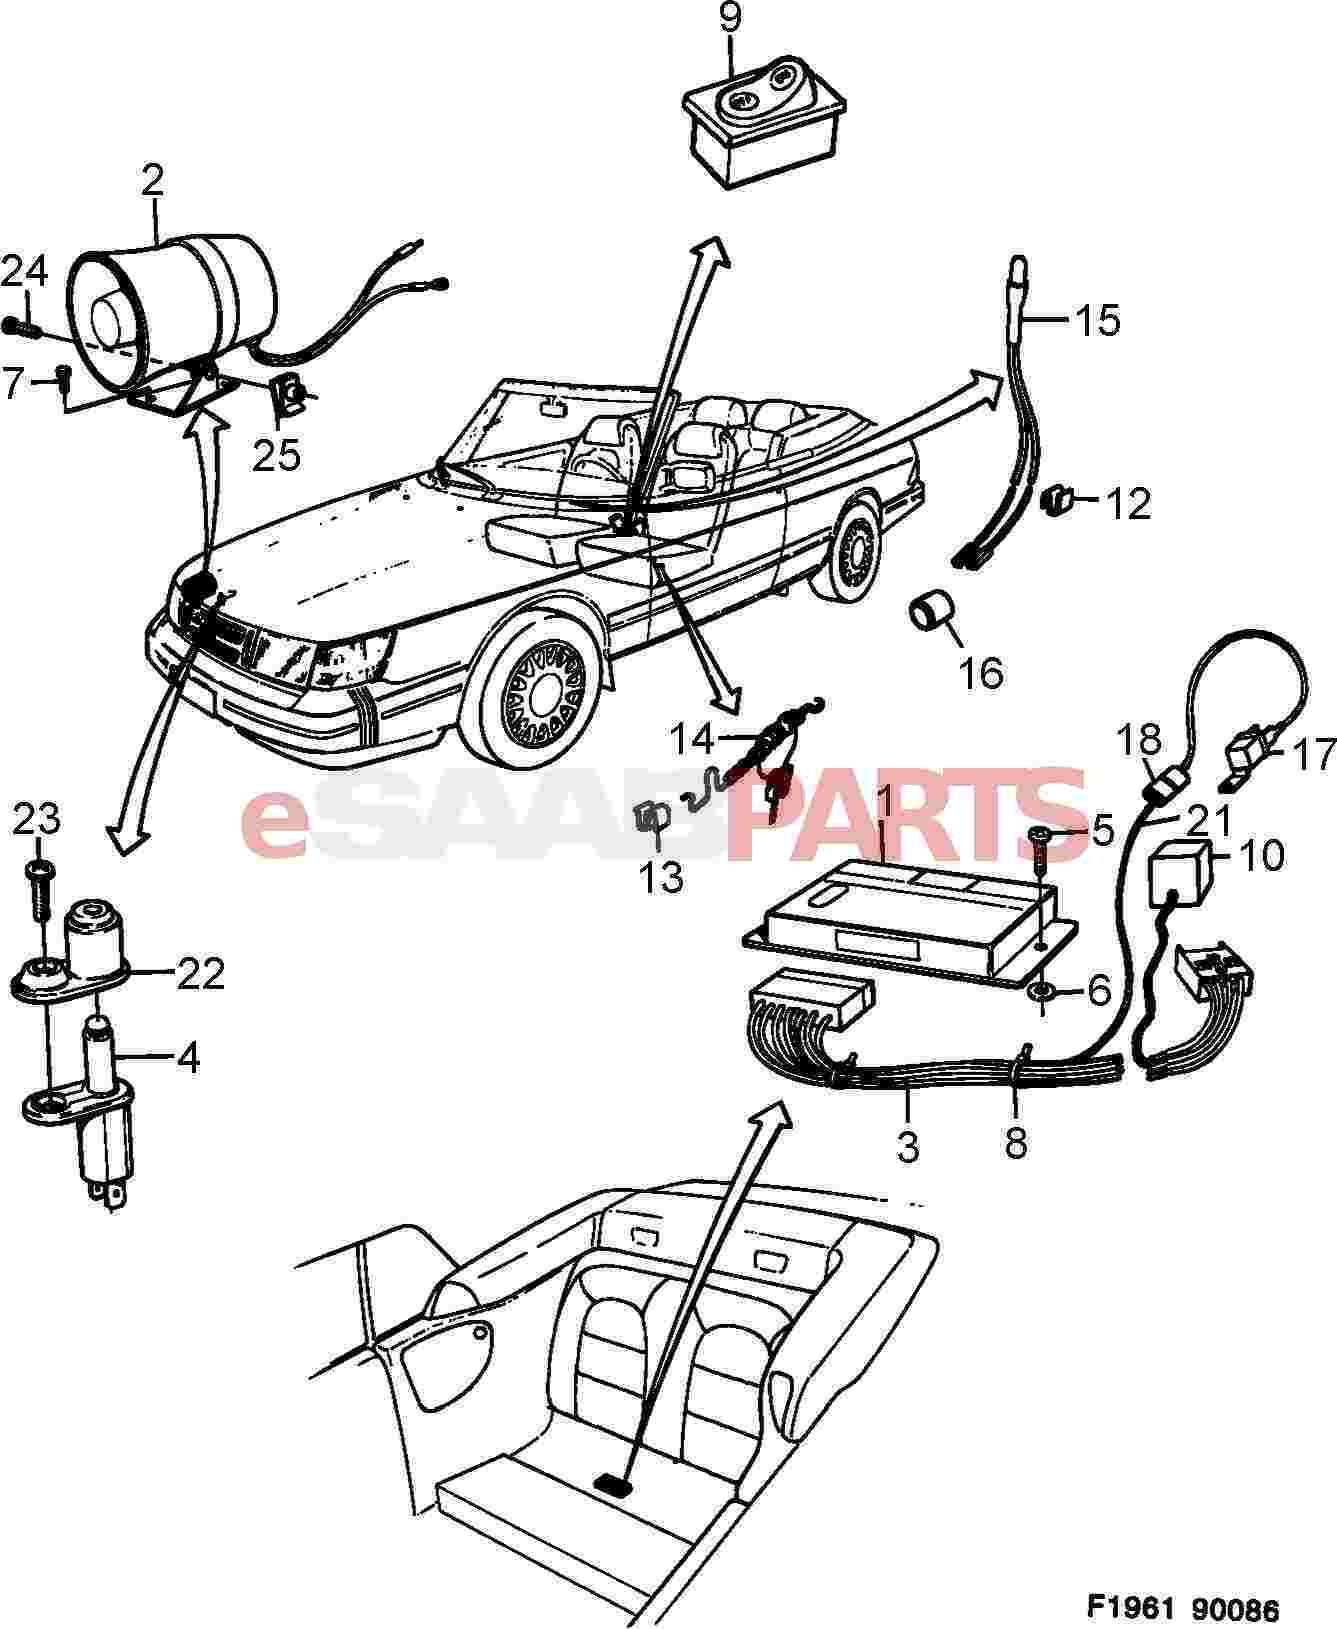 2004 saab 9 3 wiring diagram 1994 harley sportster convertible parts imageresizertool com